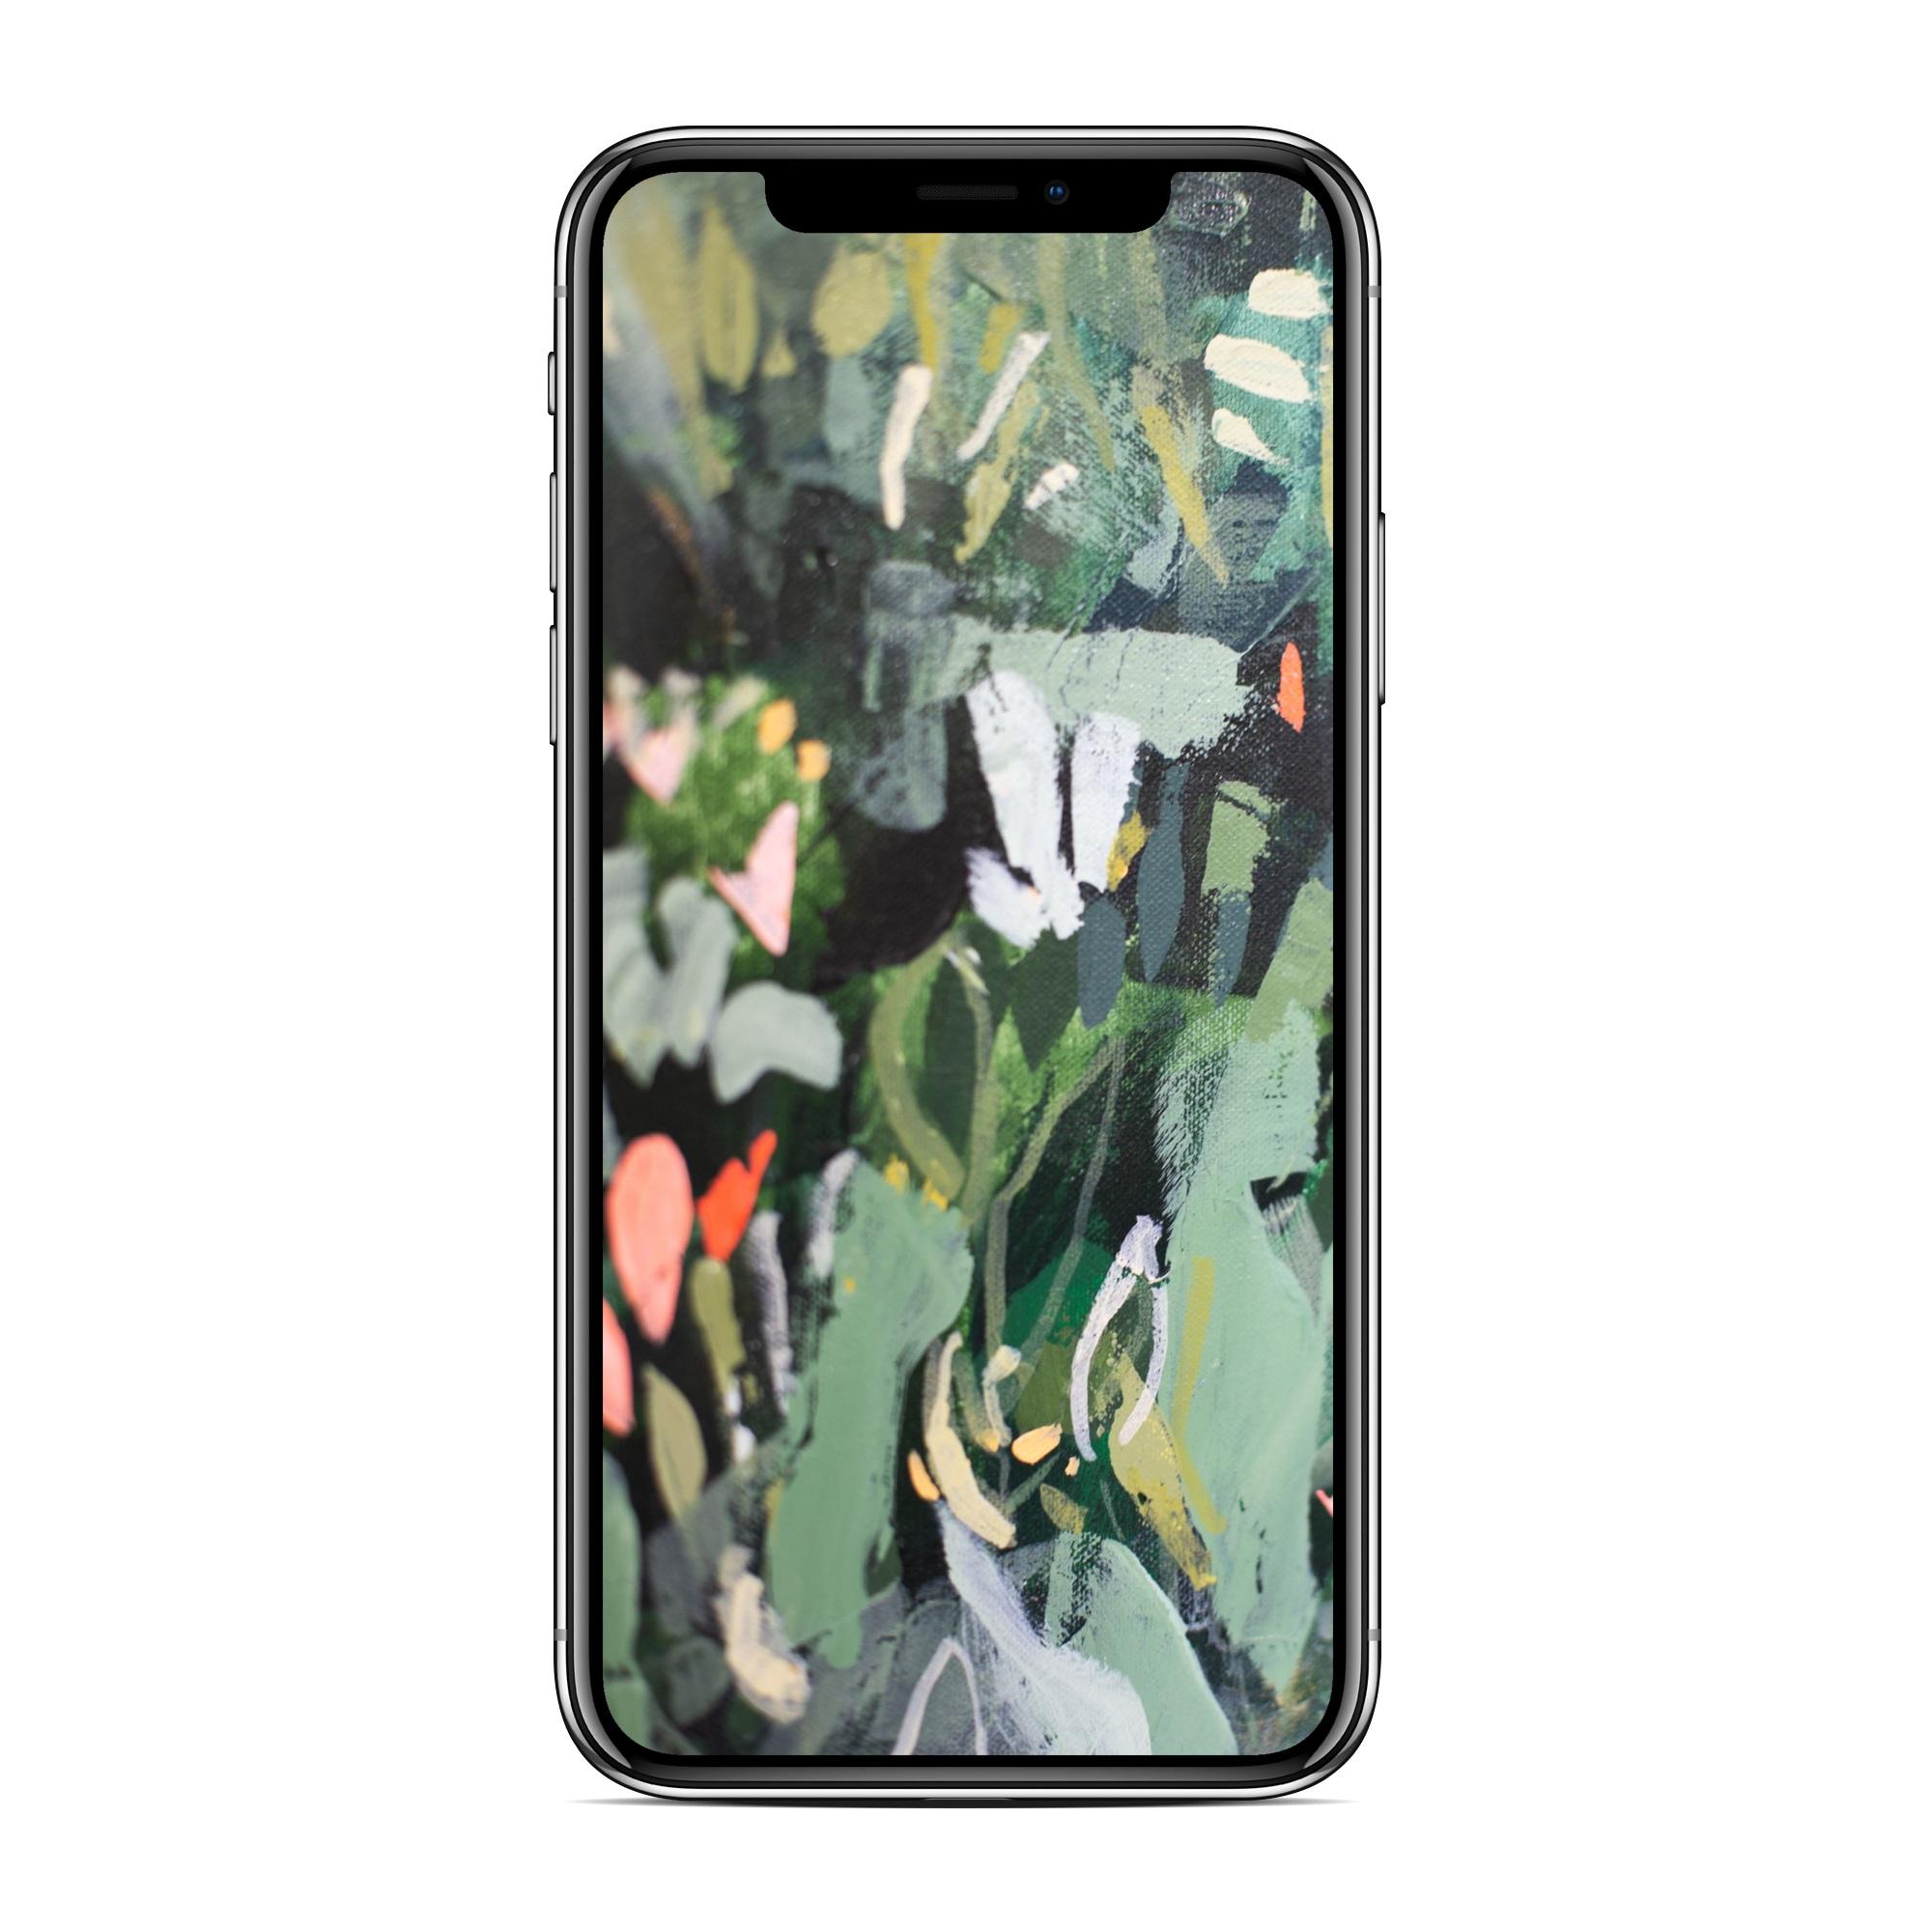 iphonexspacegrey_landscape+%281%29.jpg